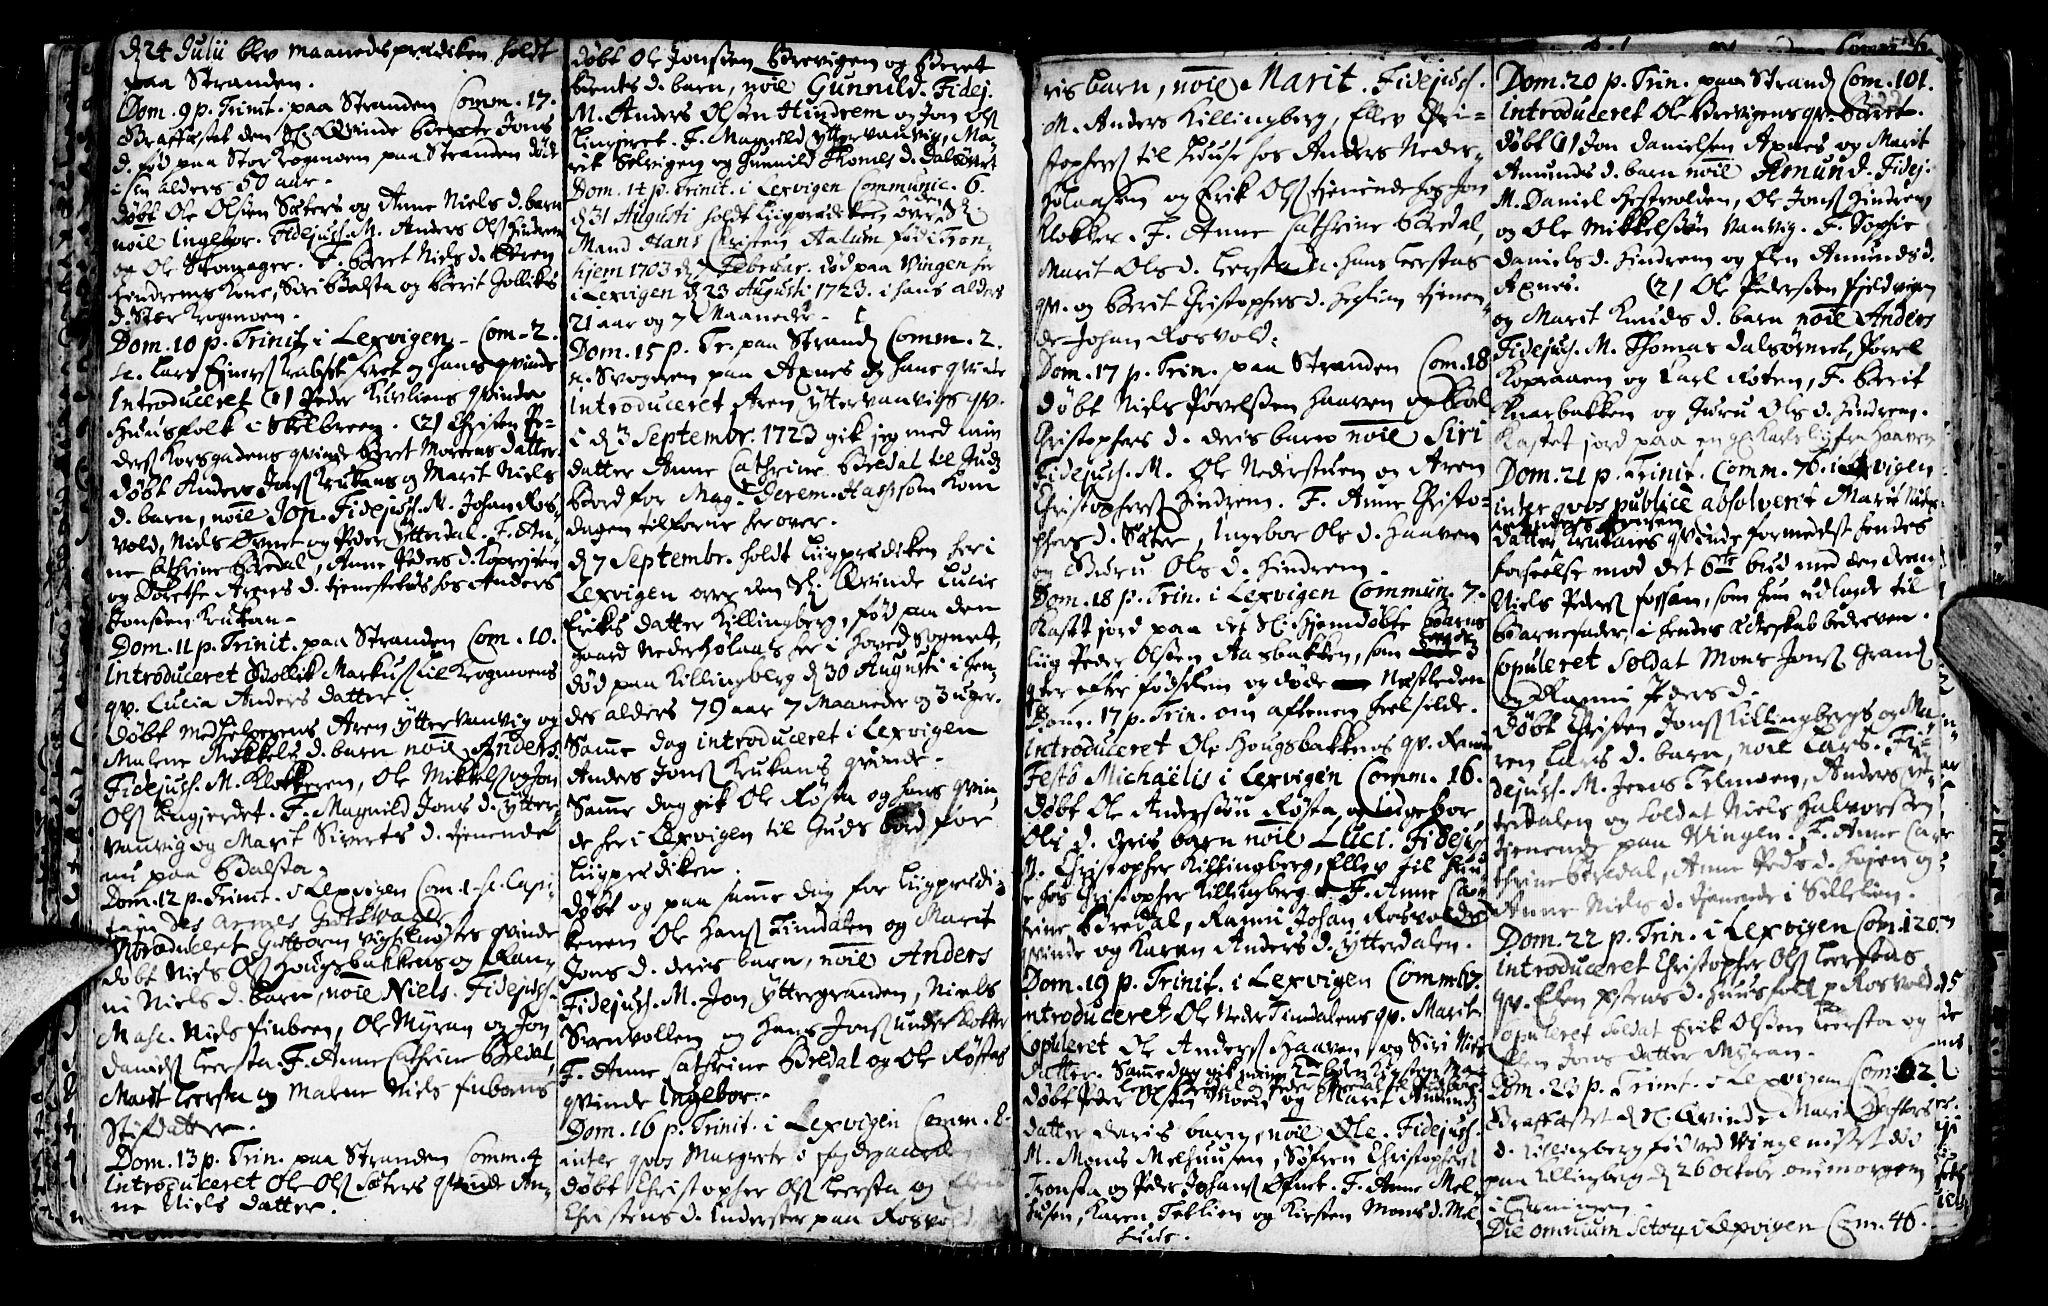 SAT, Ministerialprotokoller, klokkerbøker og fødselsregistre - Nord-Trøndelag, 701/L0001: Ministerialbok nr. 701A01, 1717-1731, s. 22